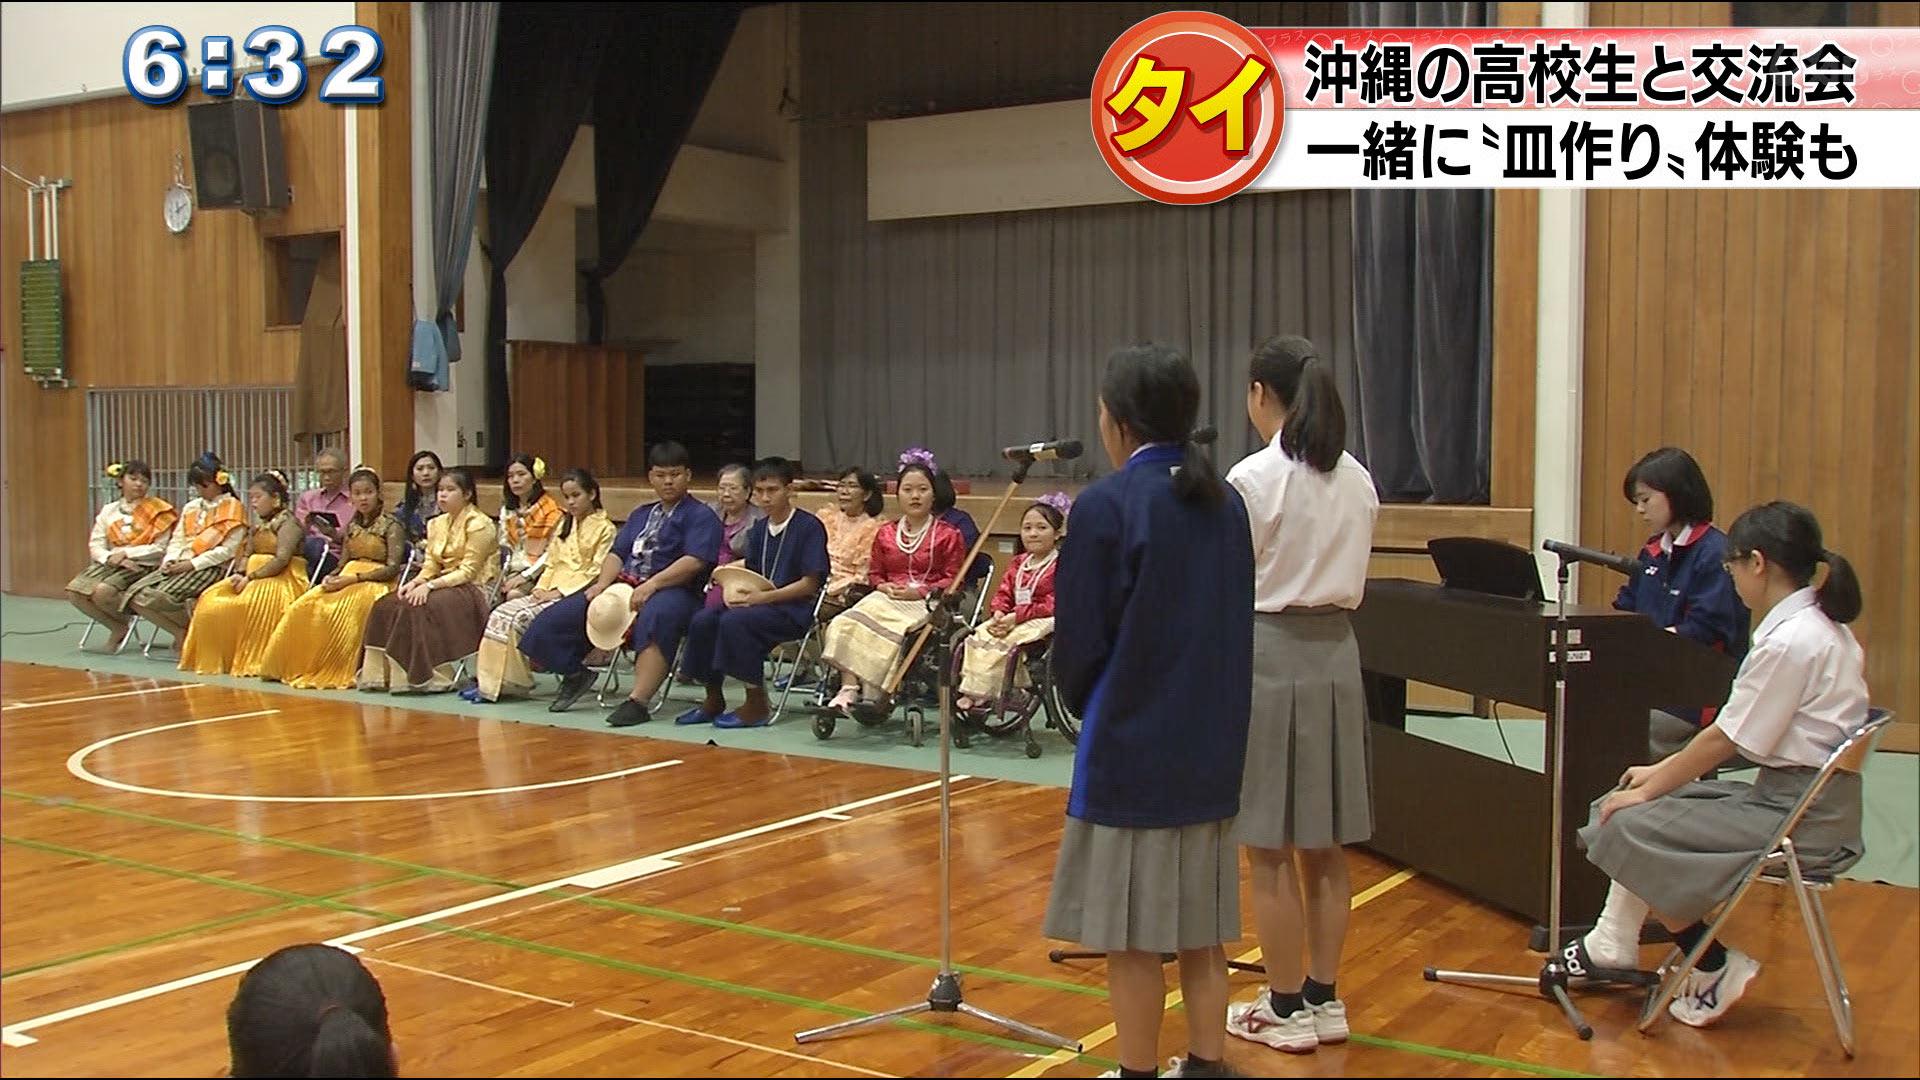 タイと沖縄の高校生たちが交流